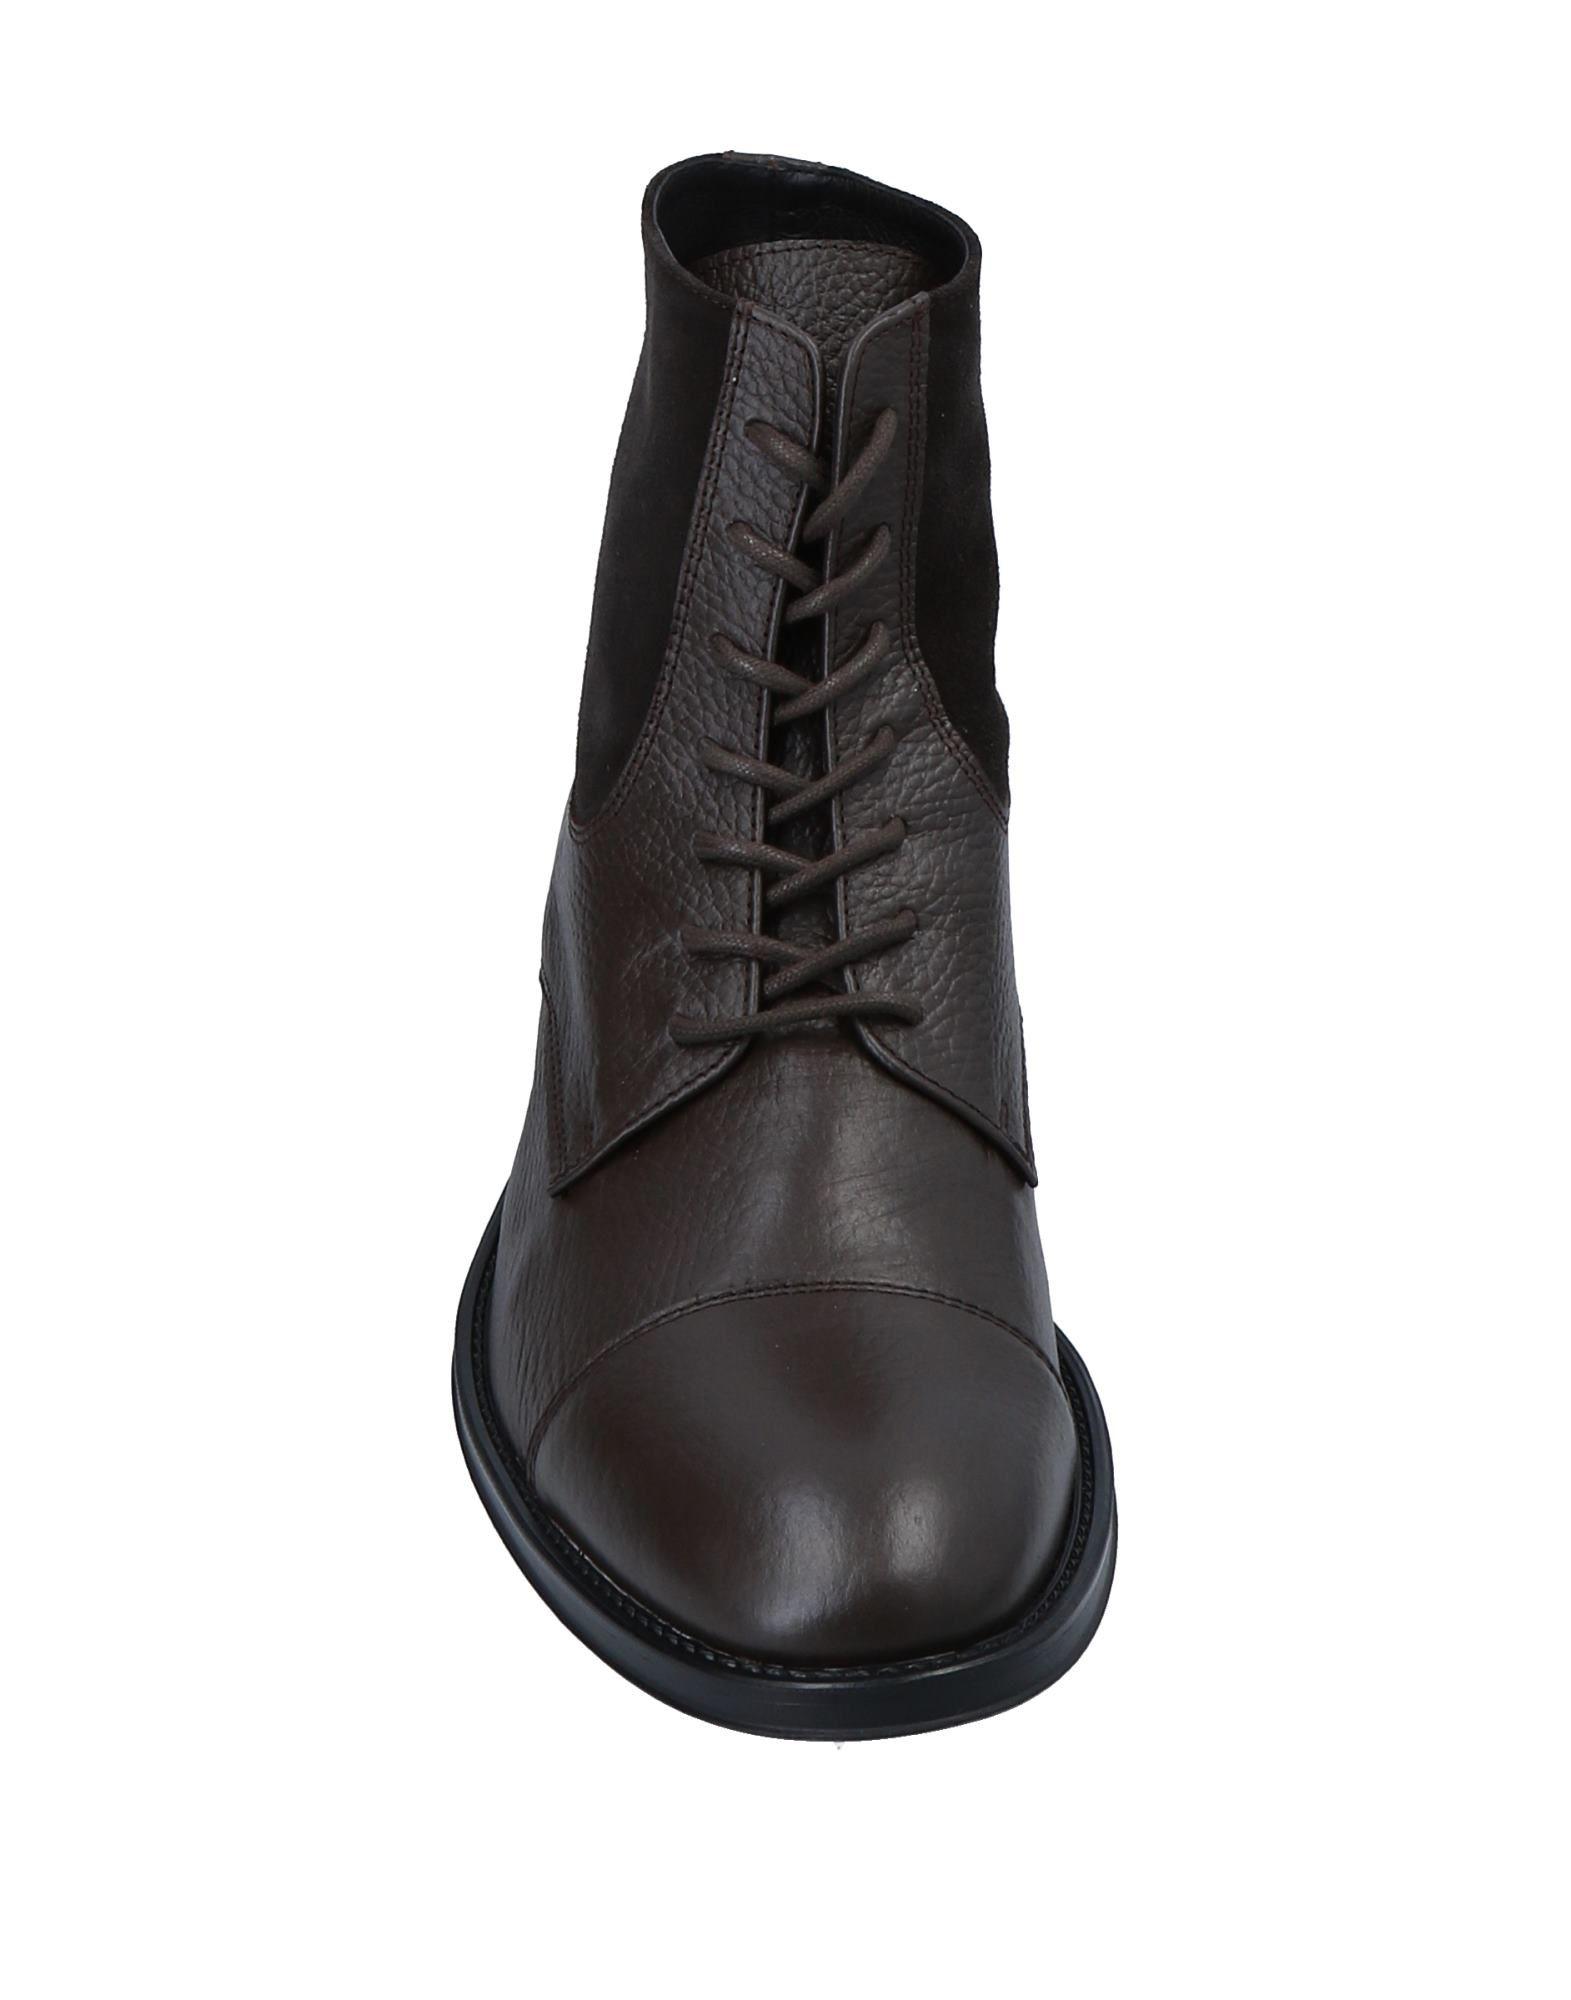 Gianfranco Lattanzi Stiefelette Herren  11547140QF Gute Qualität beliebte Schuhe